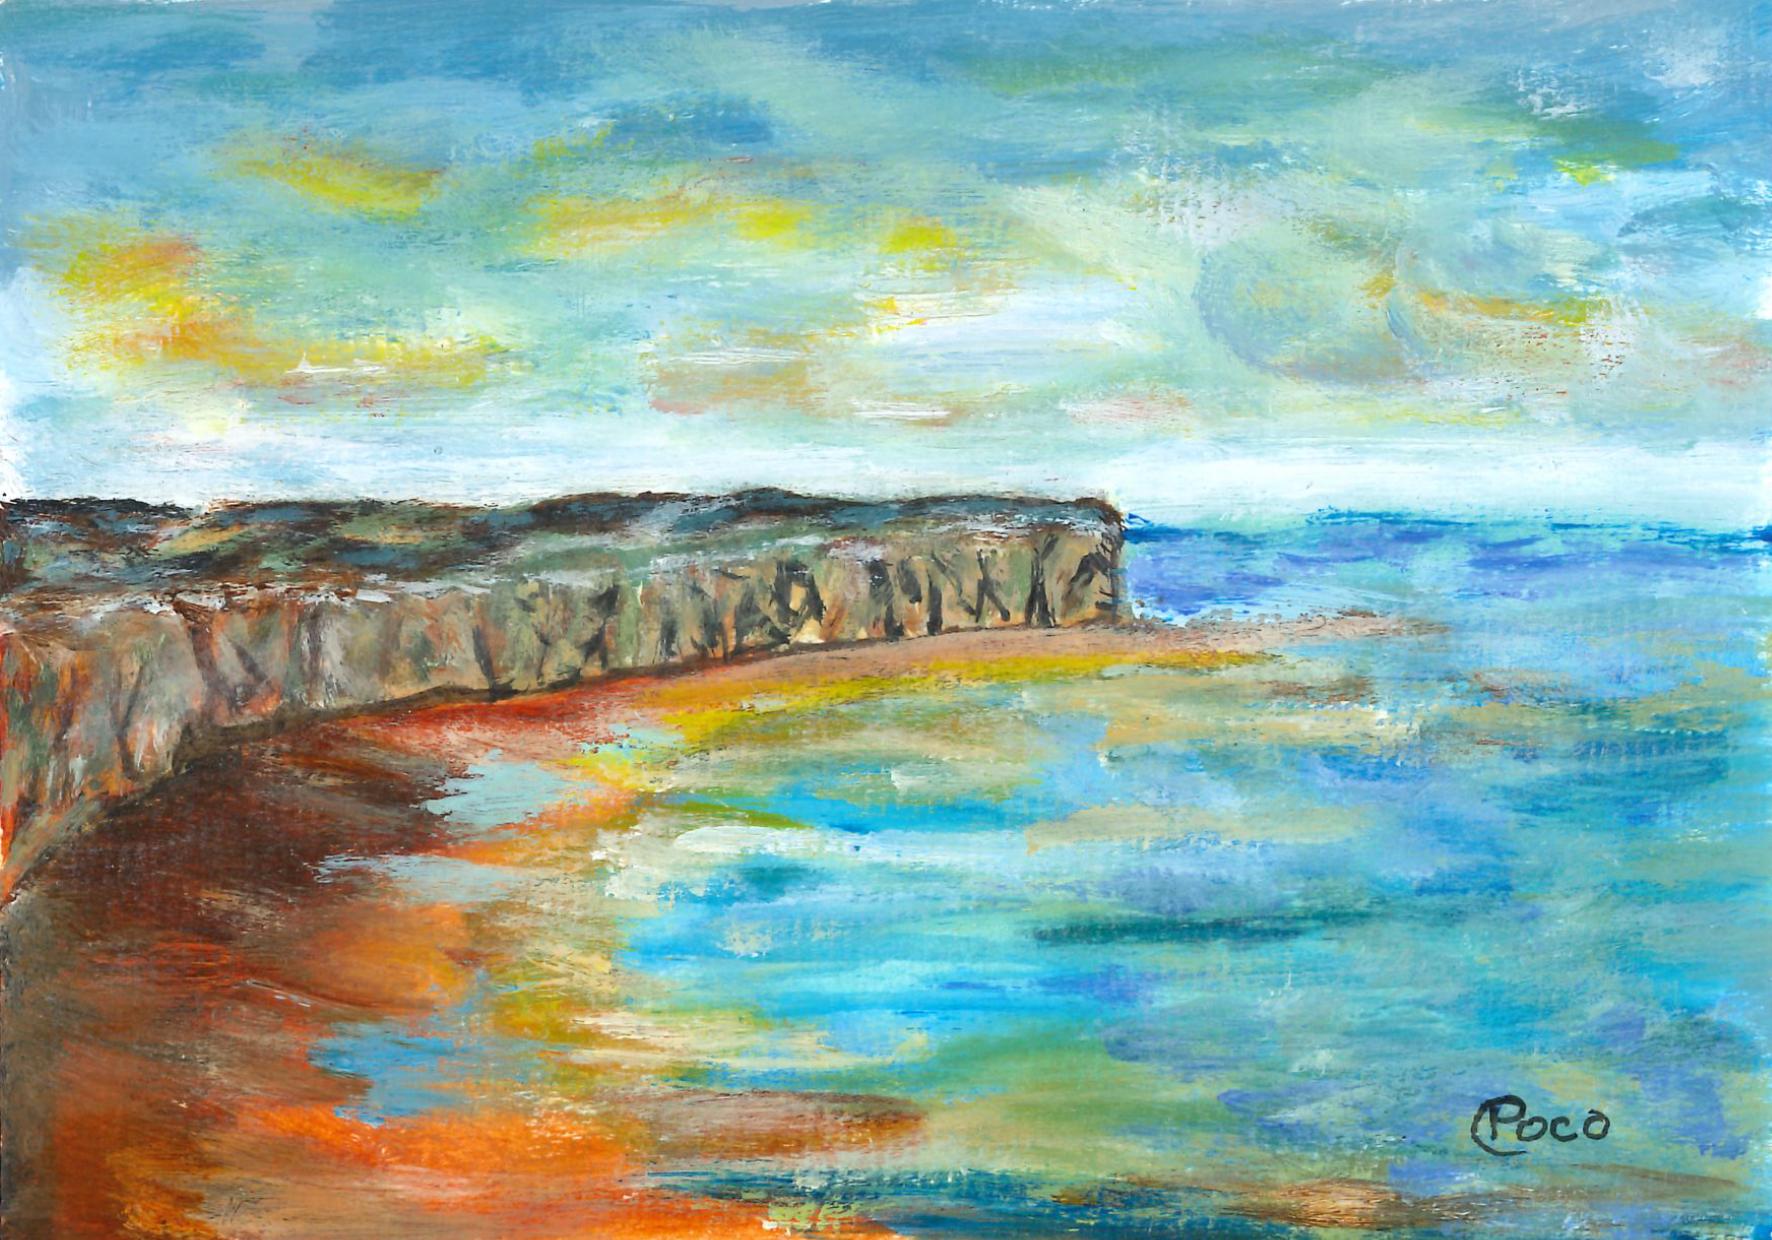 Une peinture acrylique de Calogero Pocoraba